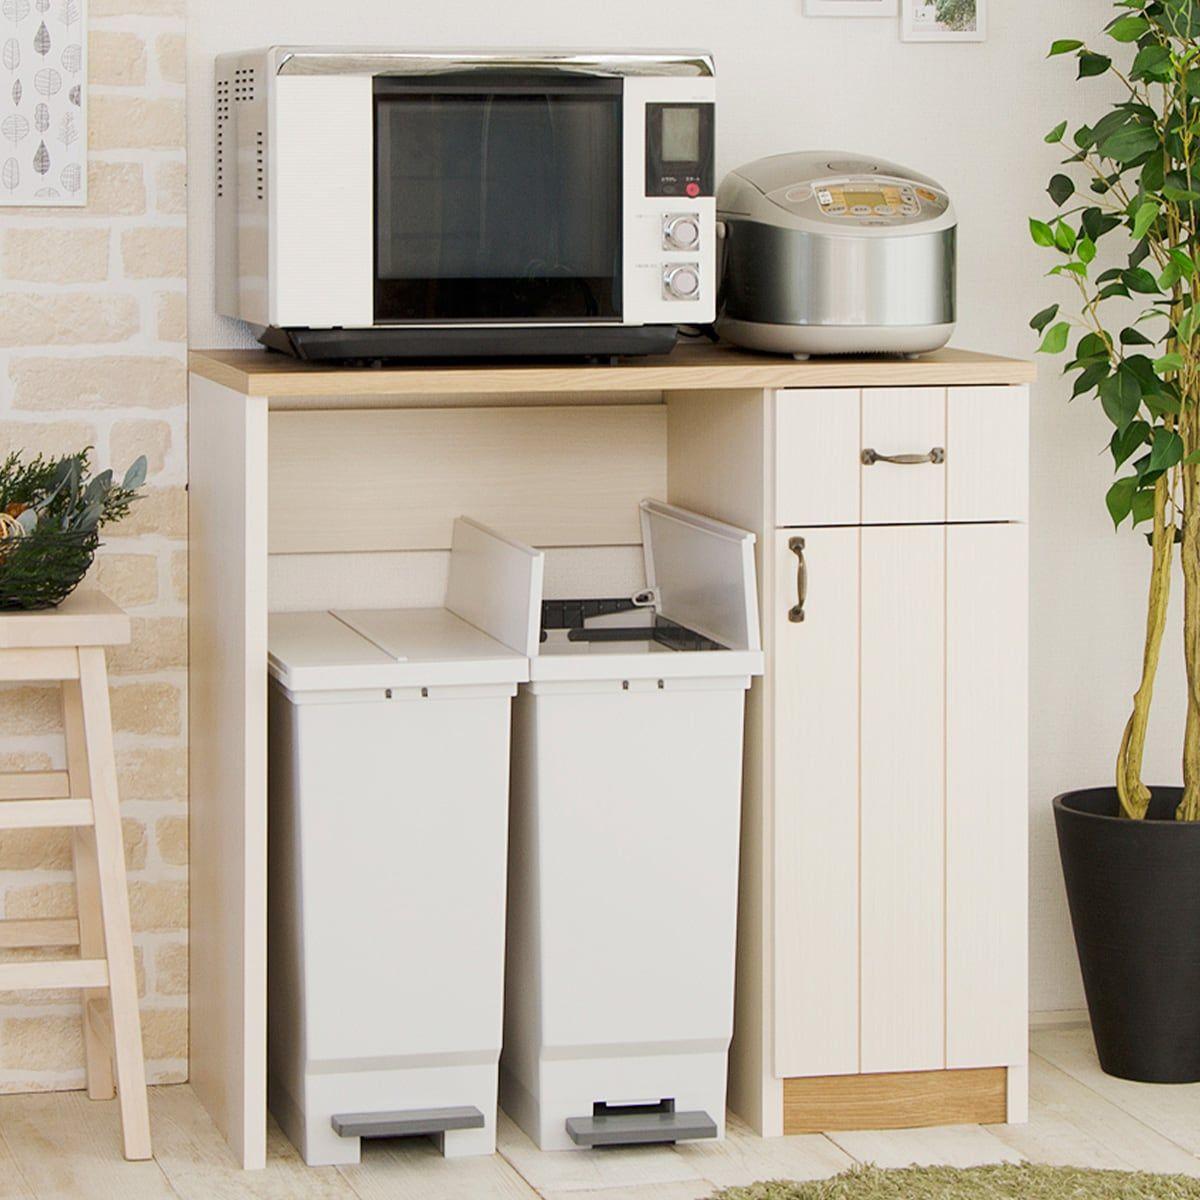 ニトリ ゴミ箱がすっきり納まるキッチンカウンター通販 キッチンカウンター インテリア 家具 インテリア 収納